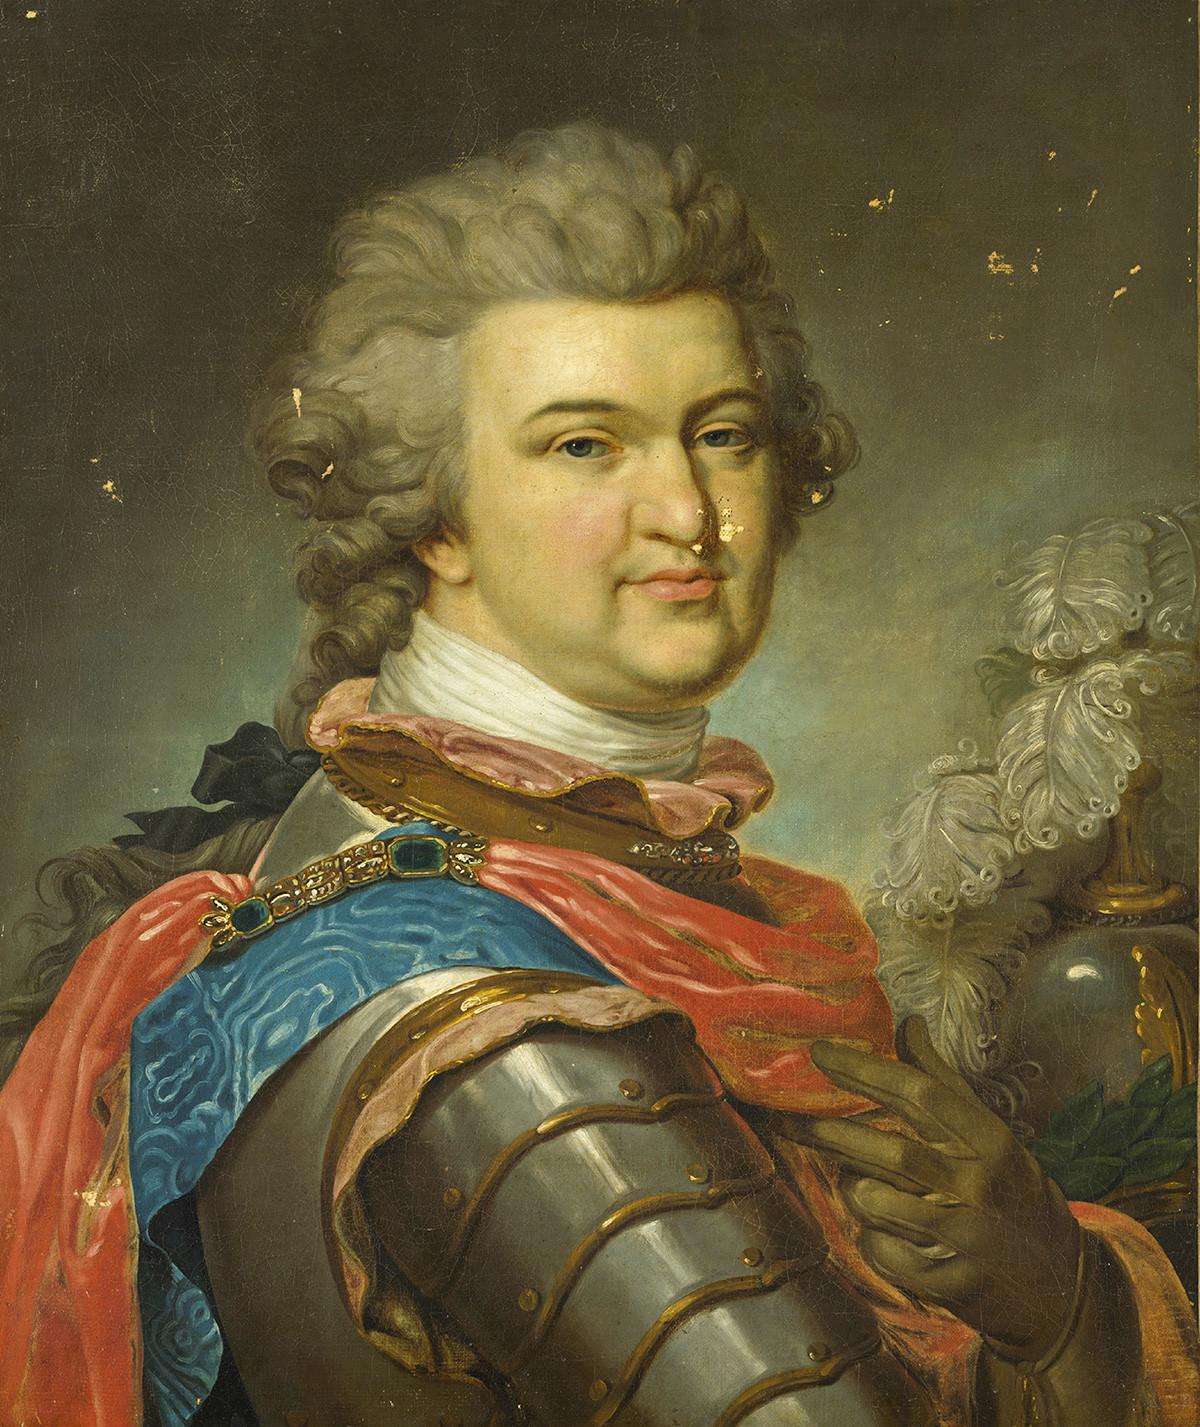 Pangeran Grigory Aleksandrovich Potyomkin (1739—1791), sekitar tahun 1790. Ditemukan dalam koleksi Museum Hermitage, Sankt Petersburg.